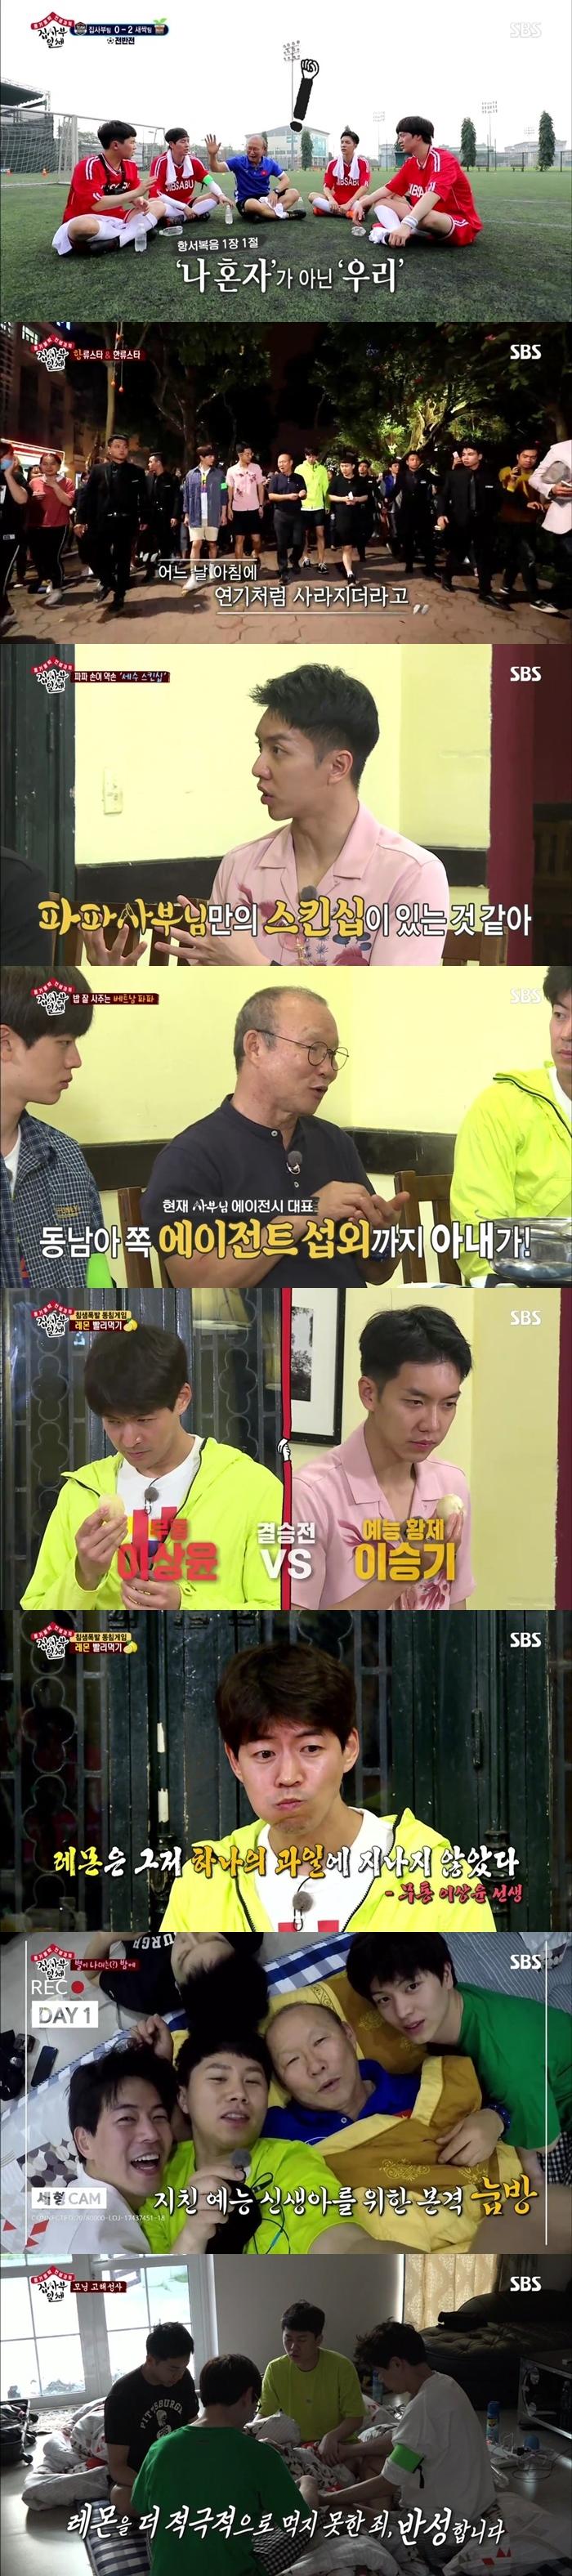 '집사부' 4人 케미 물올랐다…모닝 고해성사 시청률 12%